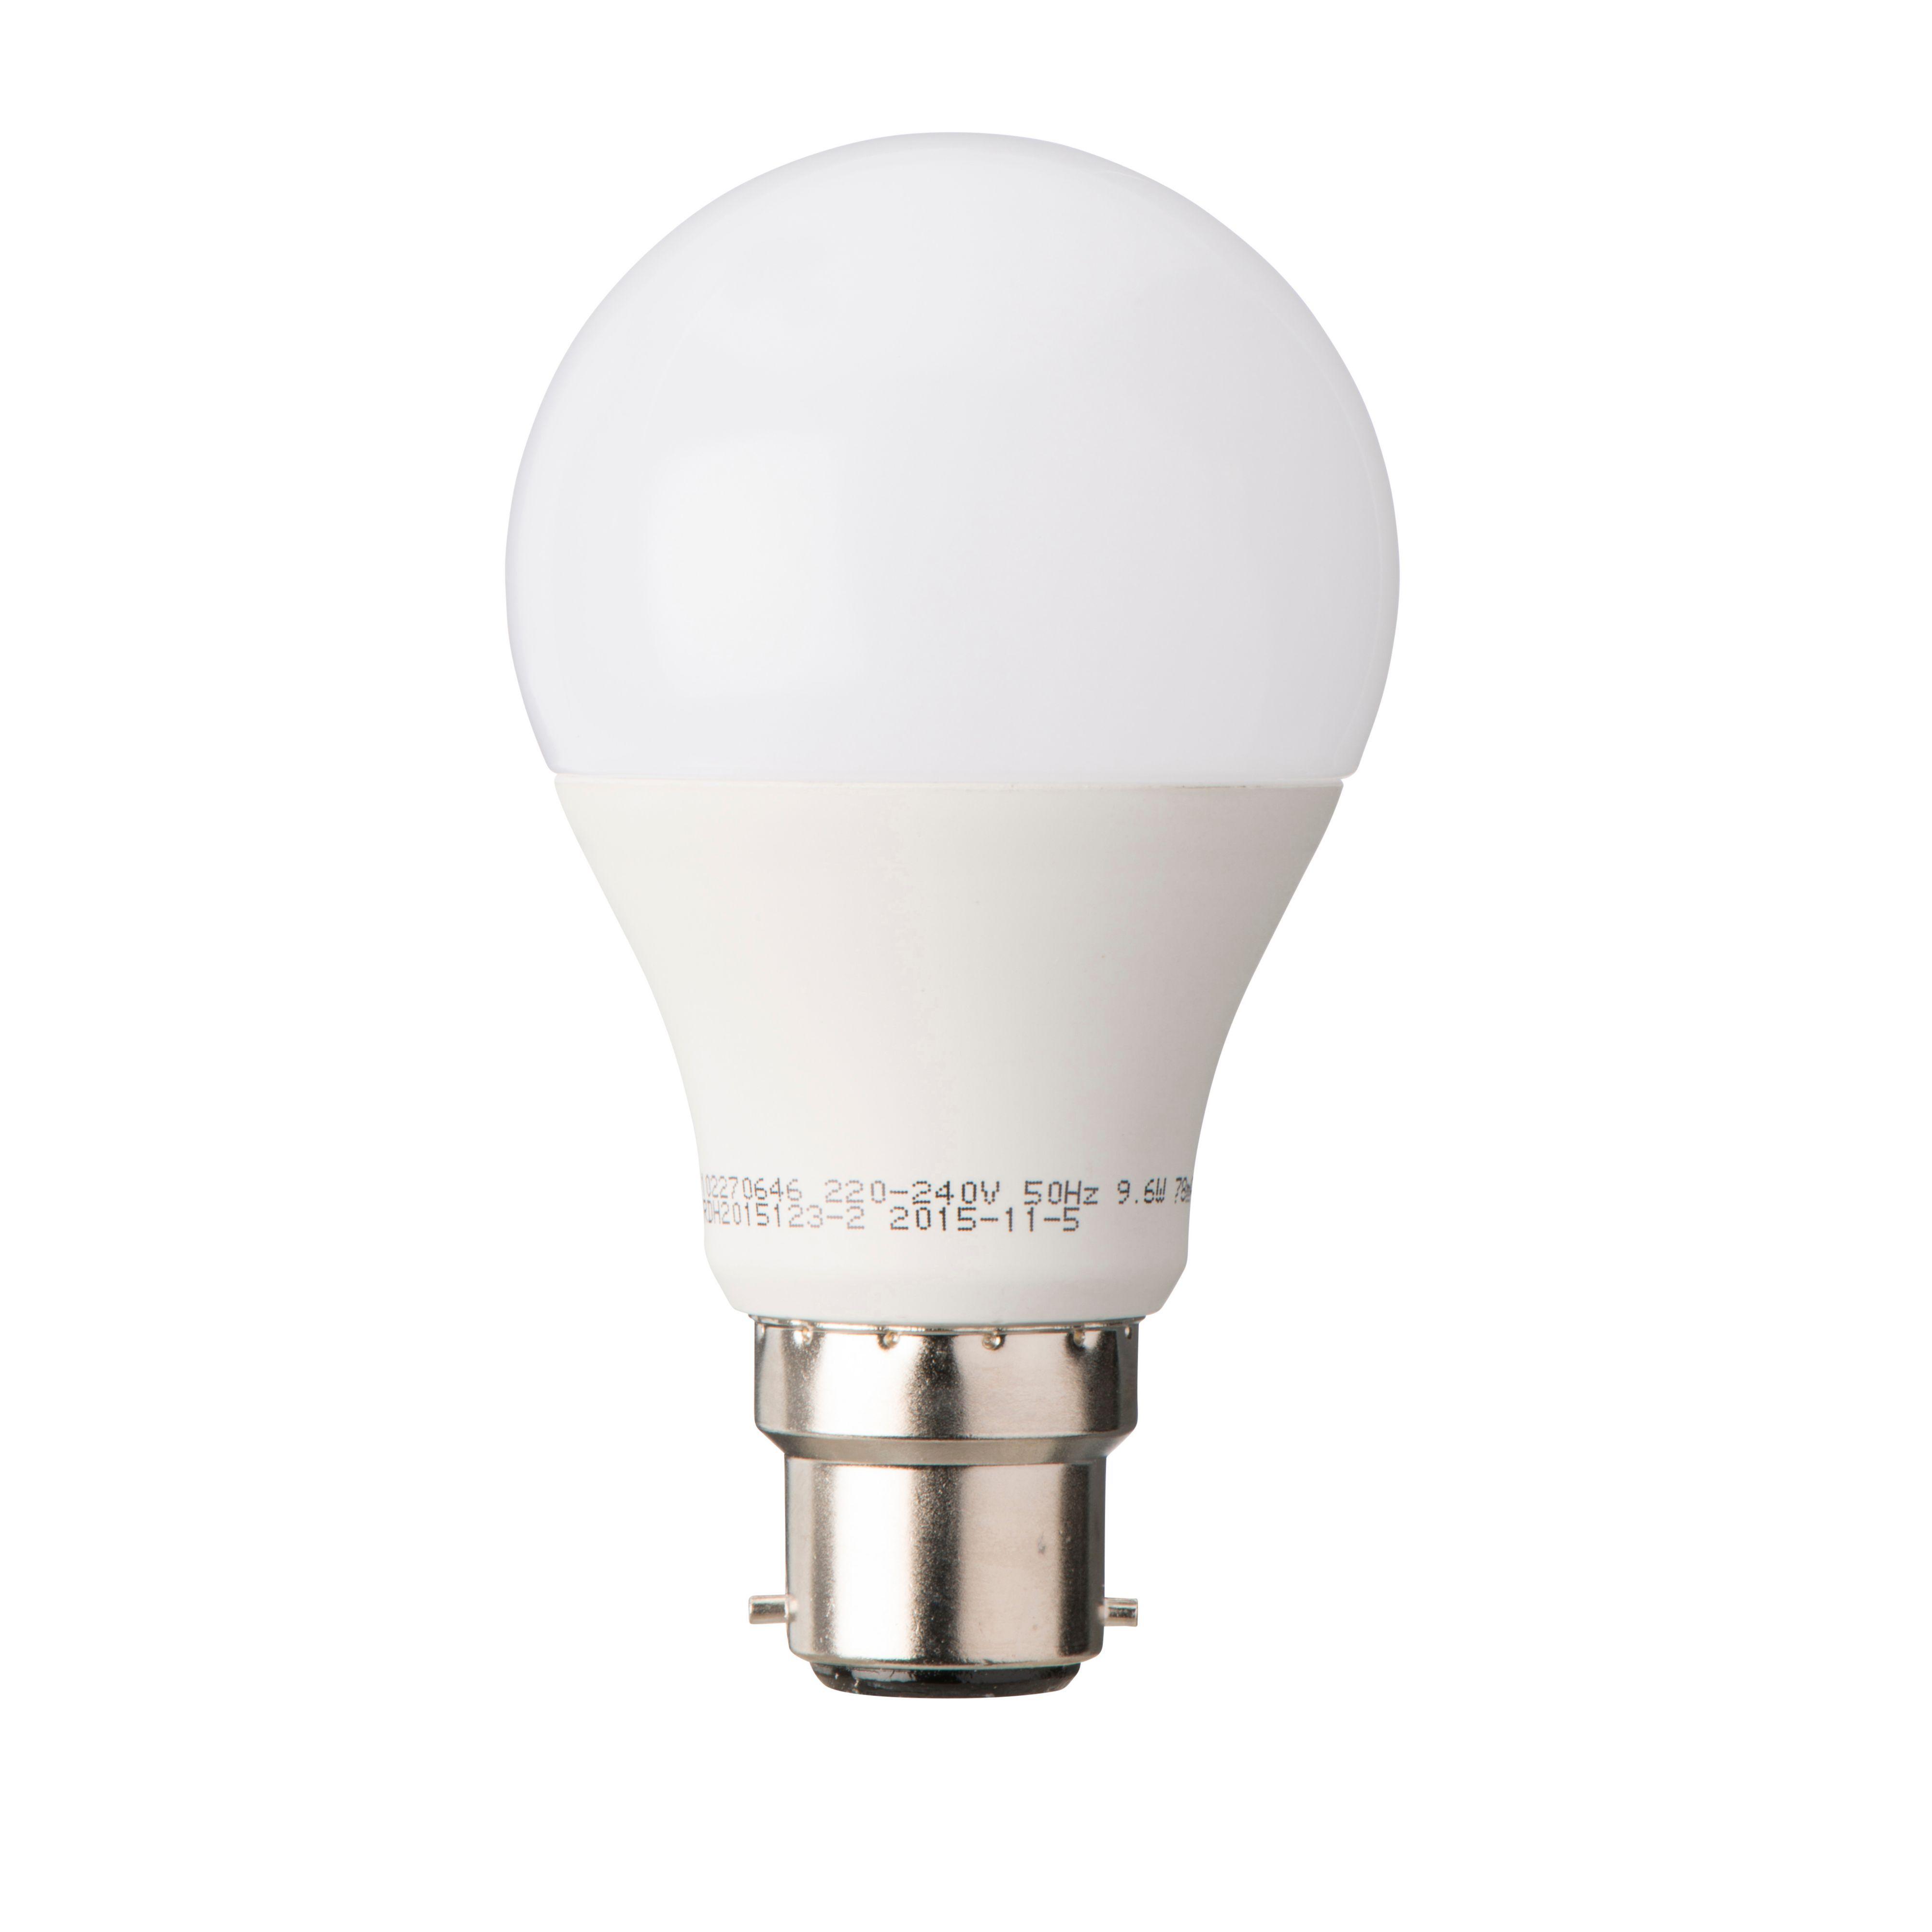 Diall B22 806lm Led Classic Light Bulb